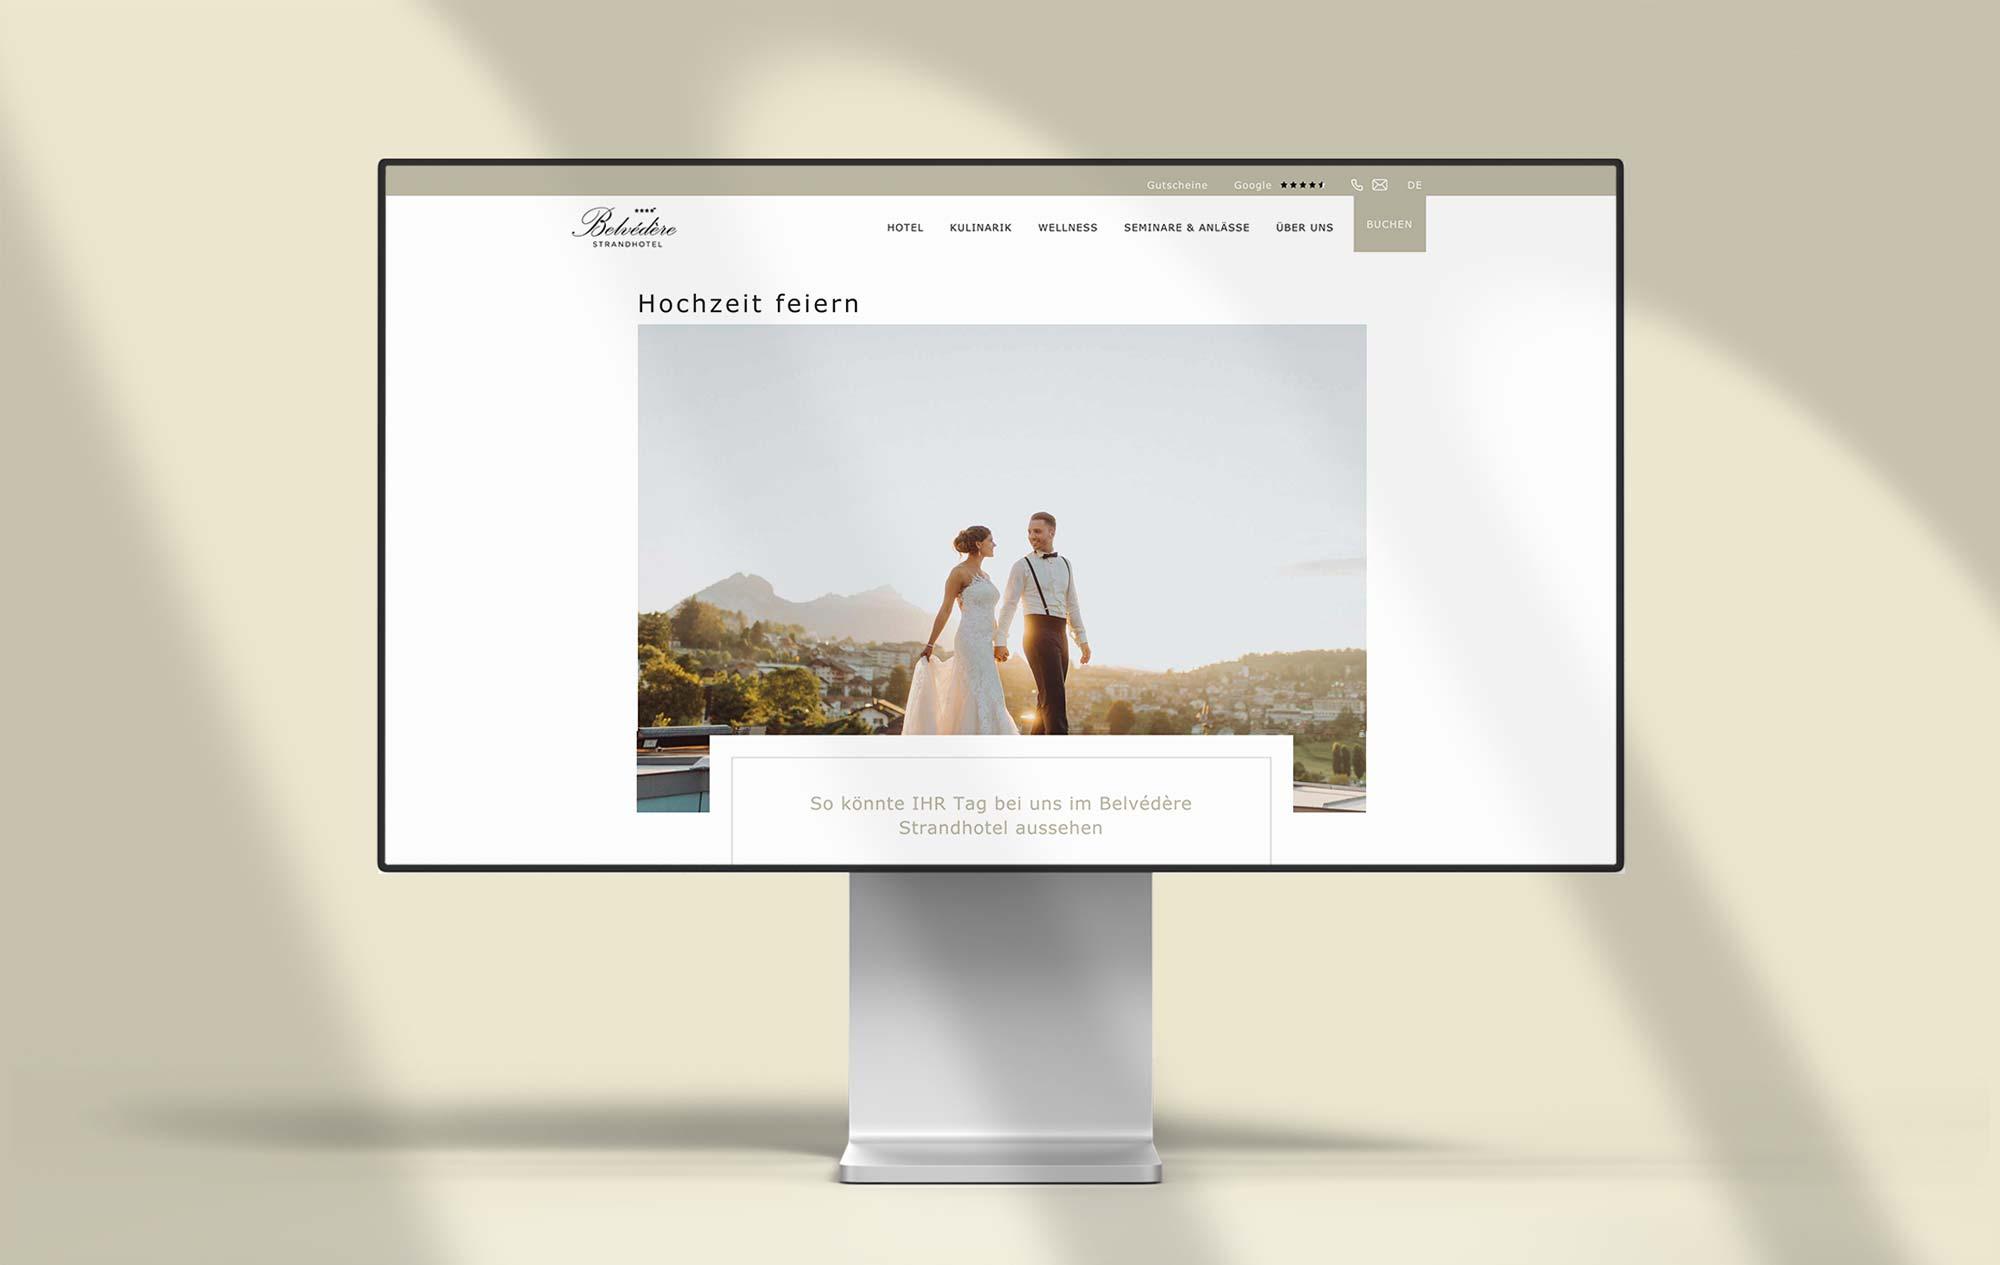 Design Hochzeiten feiern  - Entwicklung Webseite für Hotel Schweiz